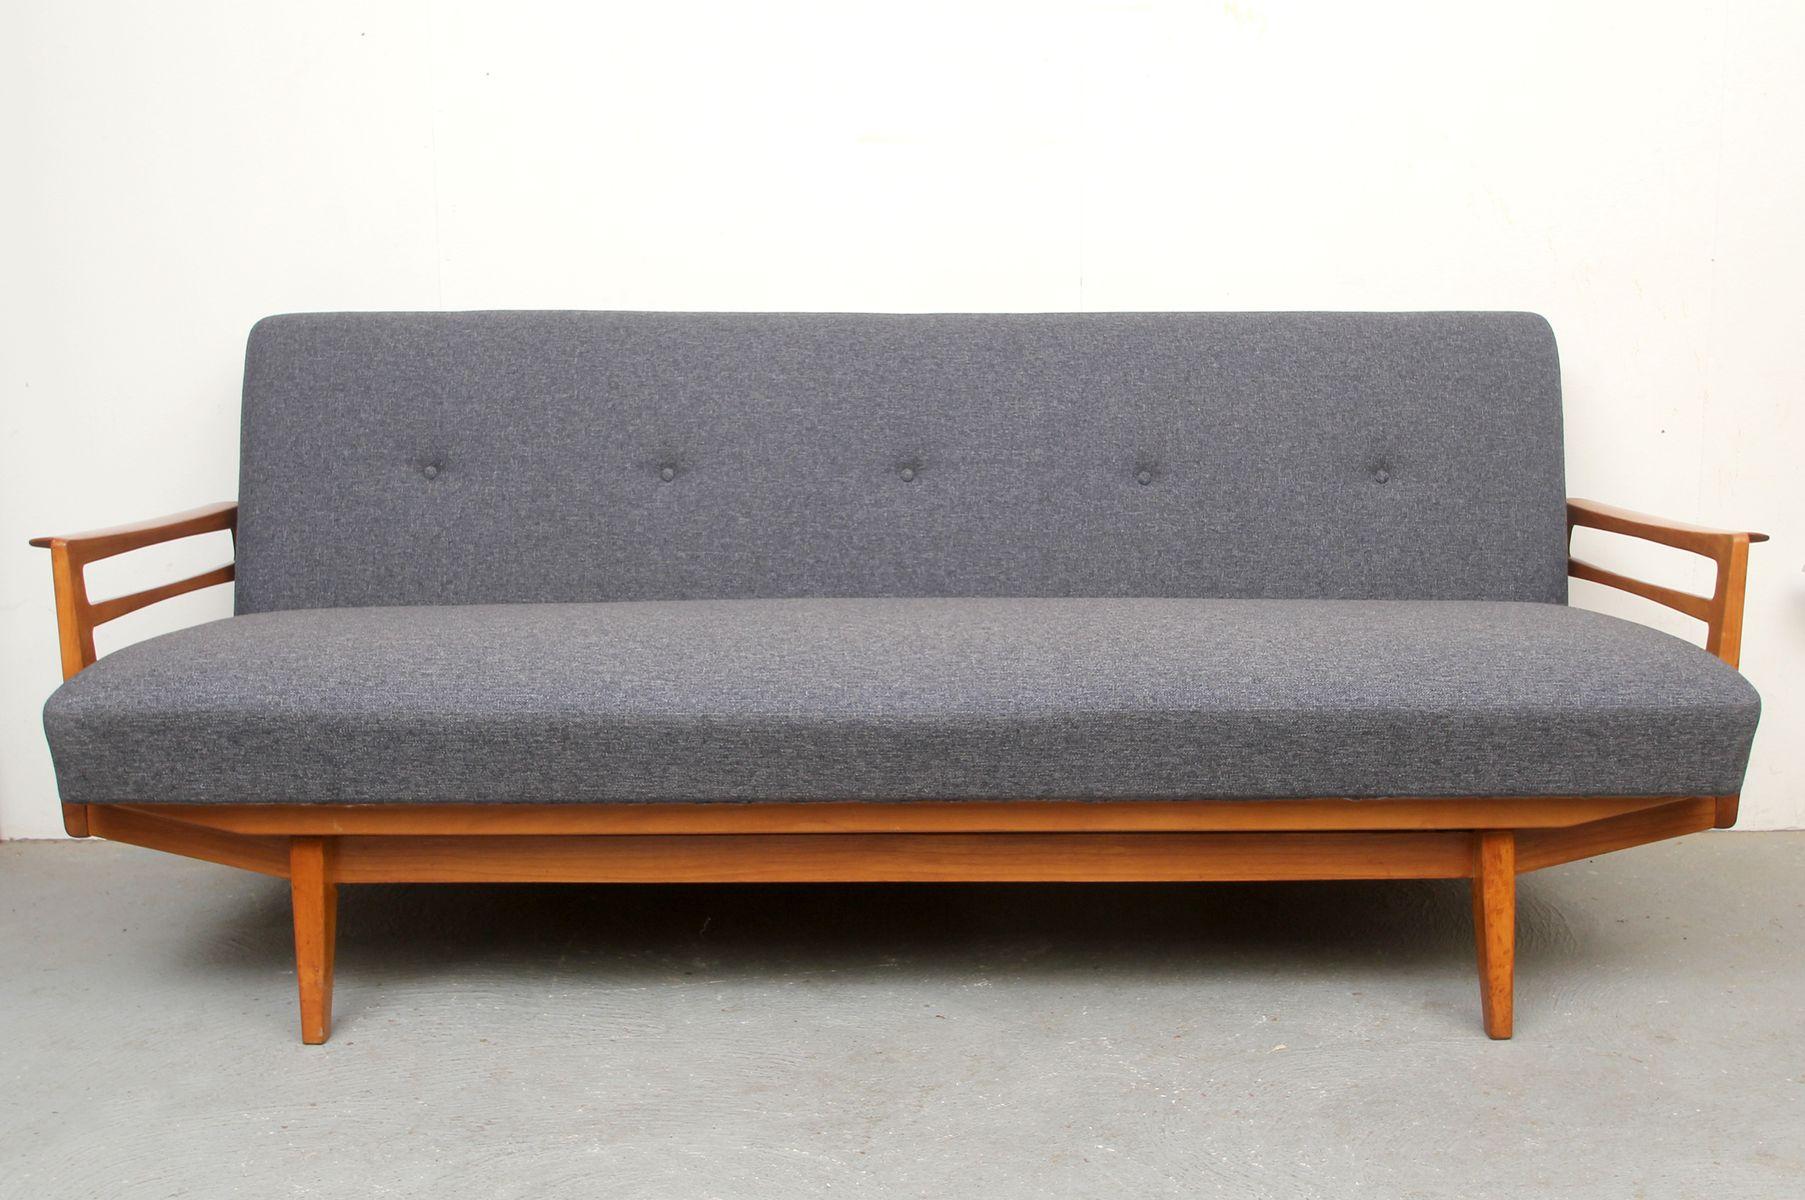 divan cerise tapisserie grise bleue 1950s en vente sur pamono. Black Bedroom Furniture Sets. Home Design Ideas